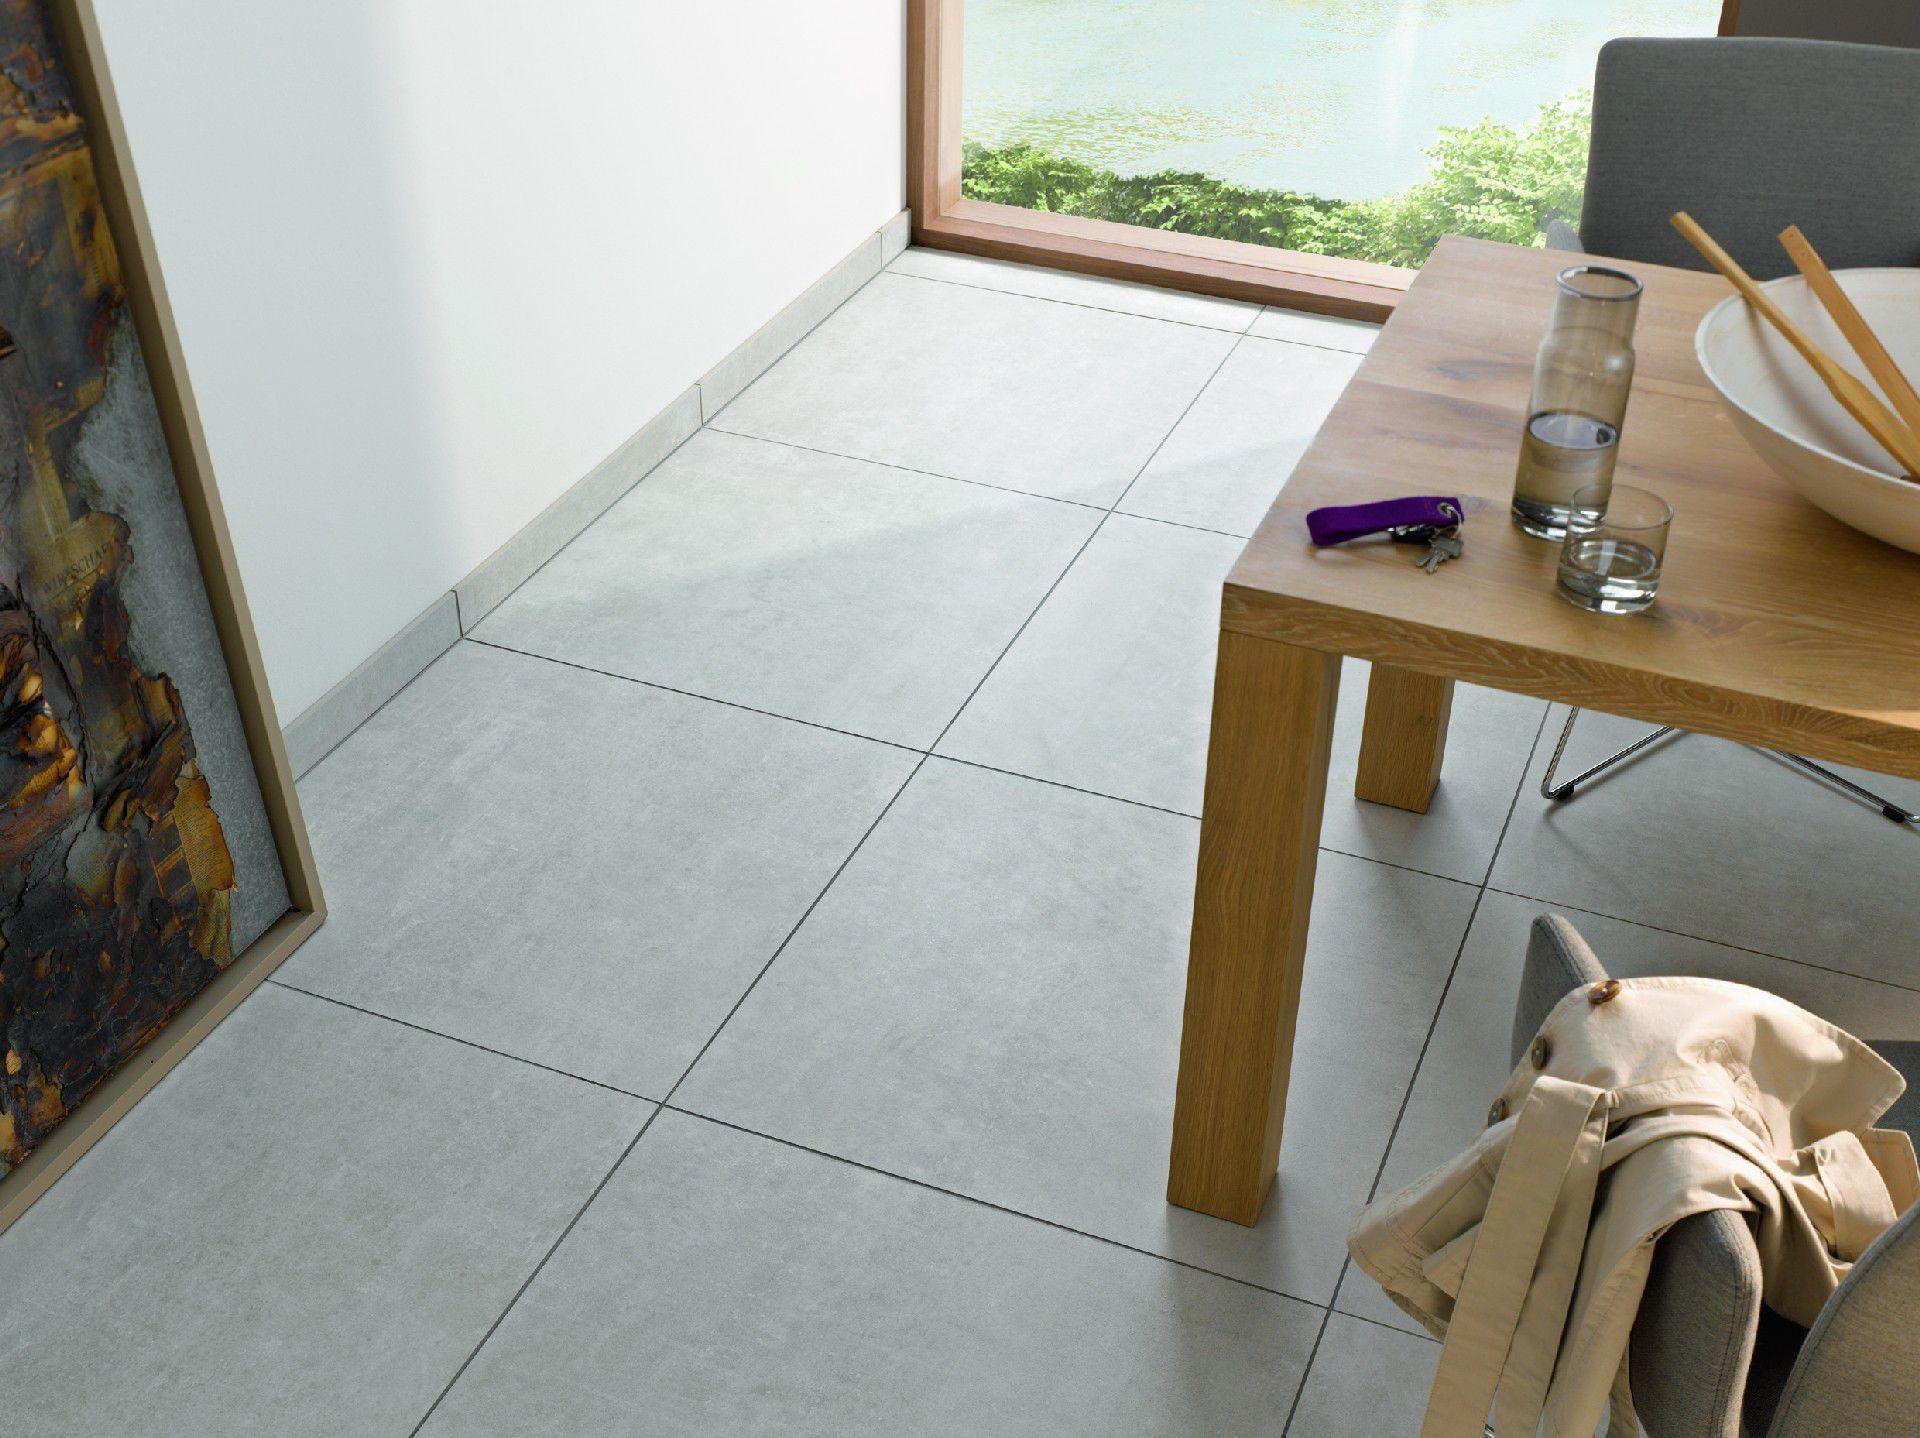 Indoor Tile / Living Room / Floor / Porcelain Stoneware. URBAN CULTURE  Steuler Fliesen